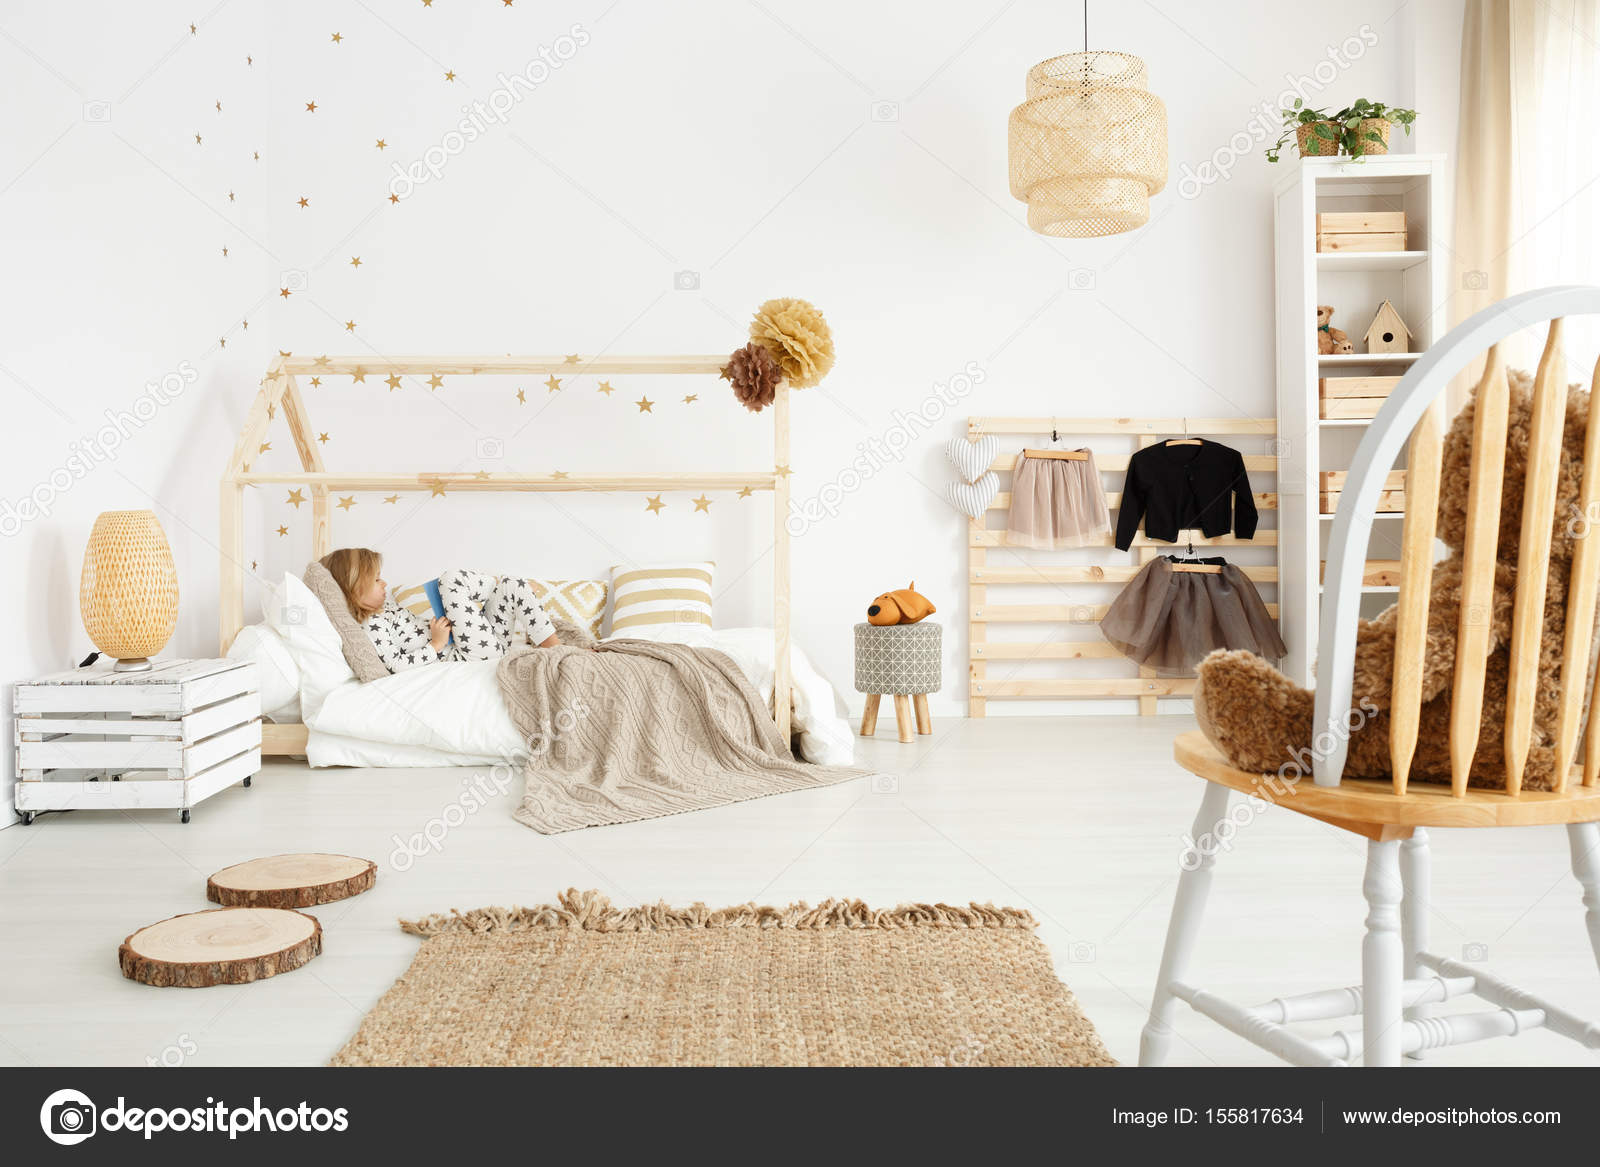 Accessori Per Camera Da Letto Bianca : Camera da letto scandinavo con accessori eco compatibili u2014 foto